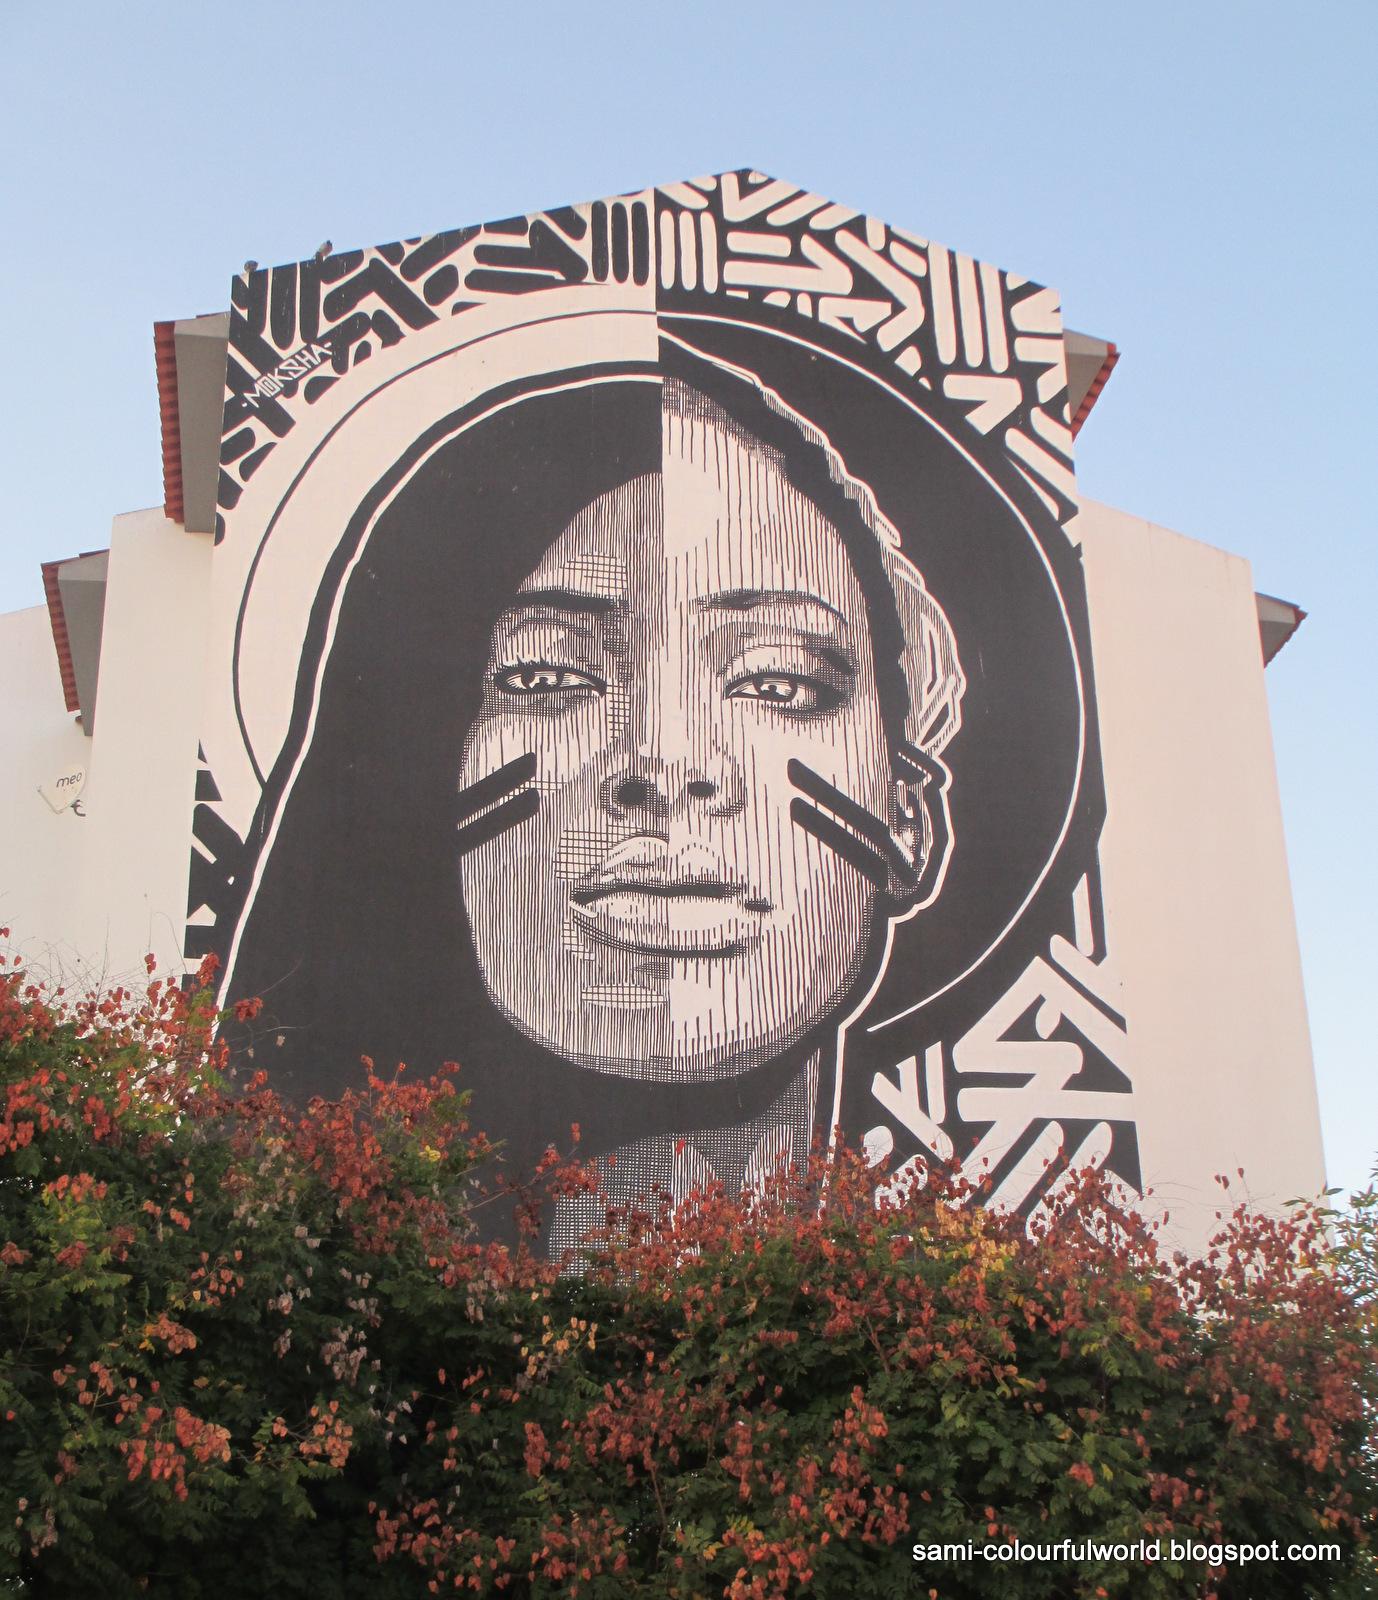 Colourfulworld monday mural black or white for Black white mural